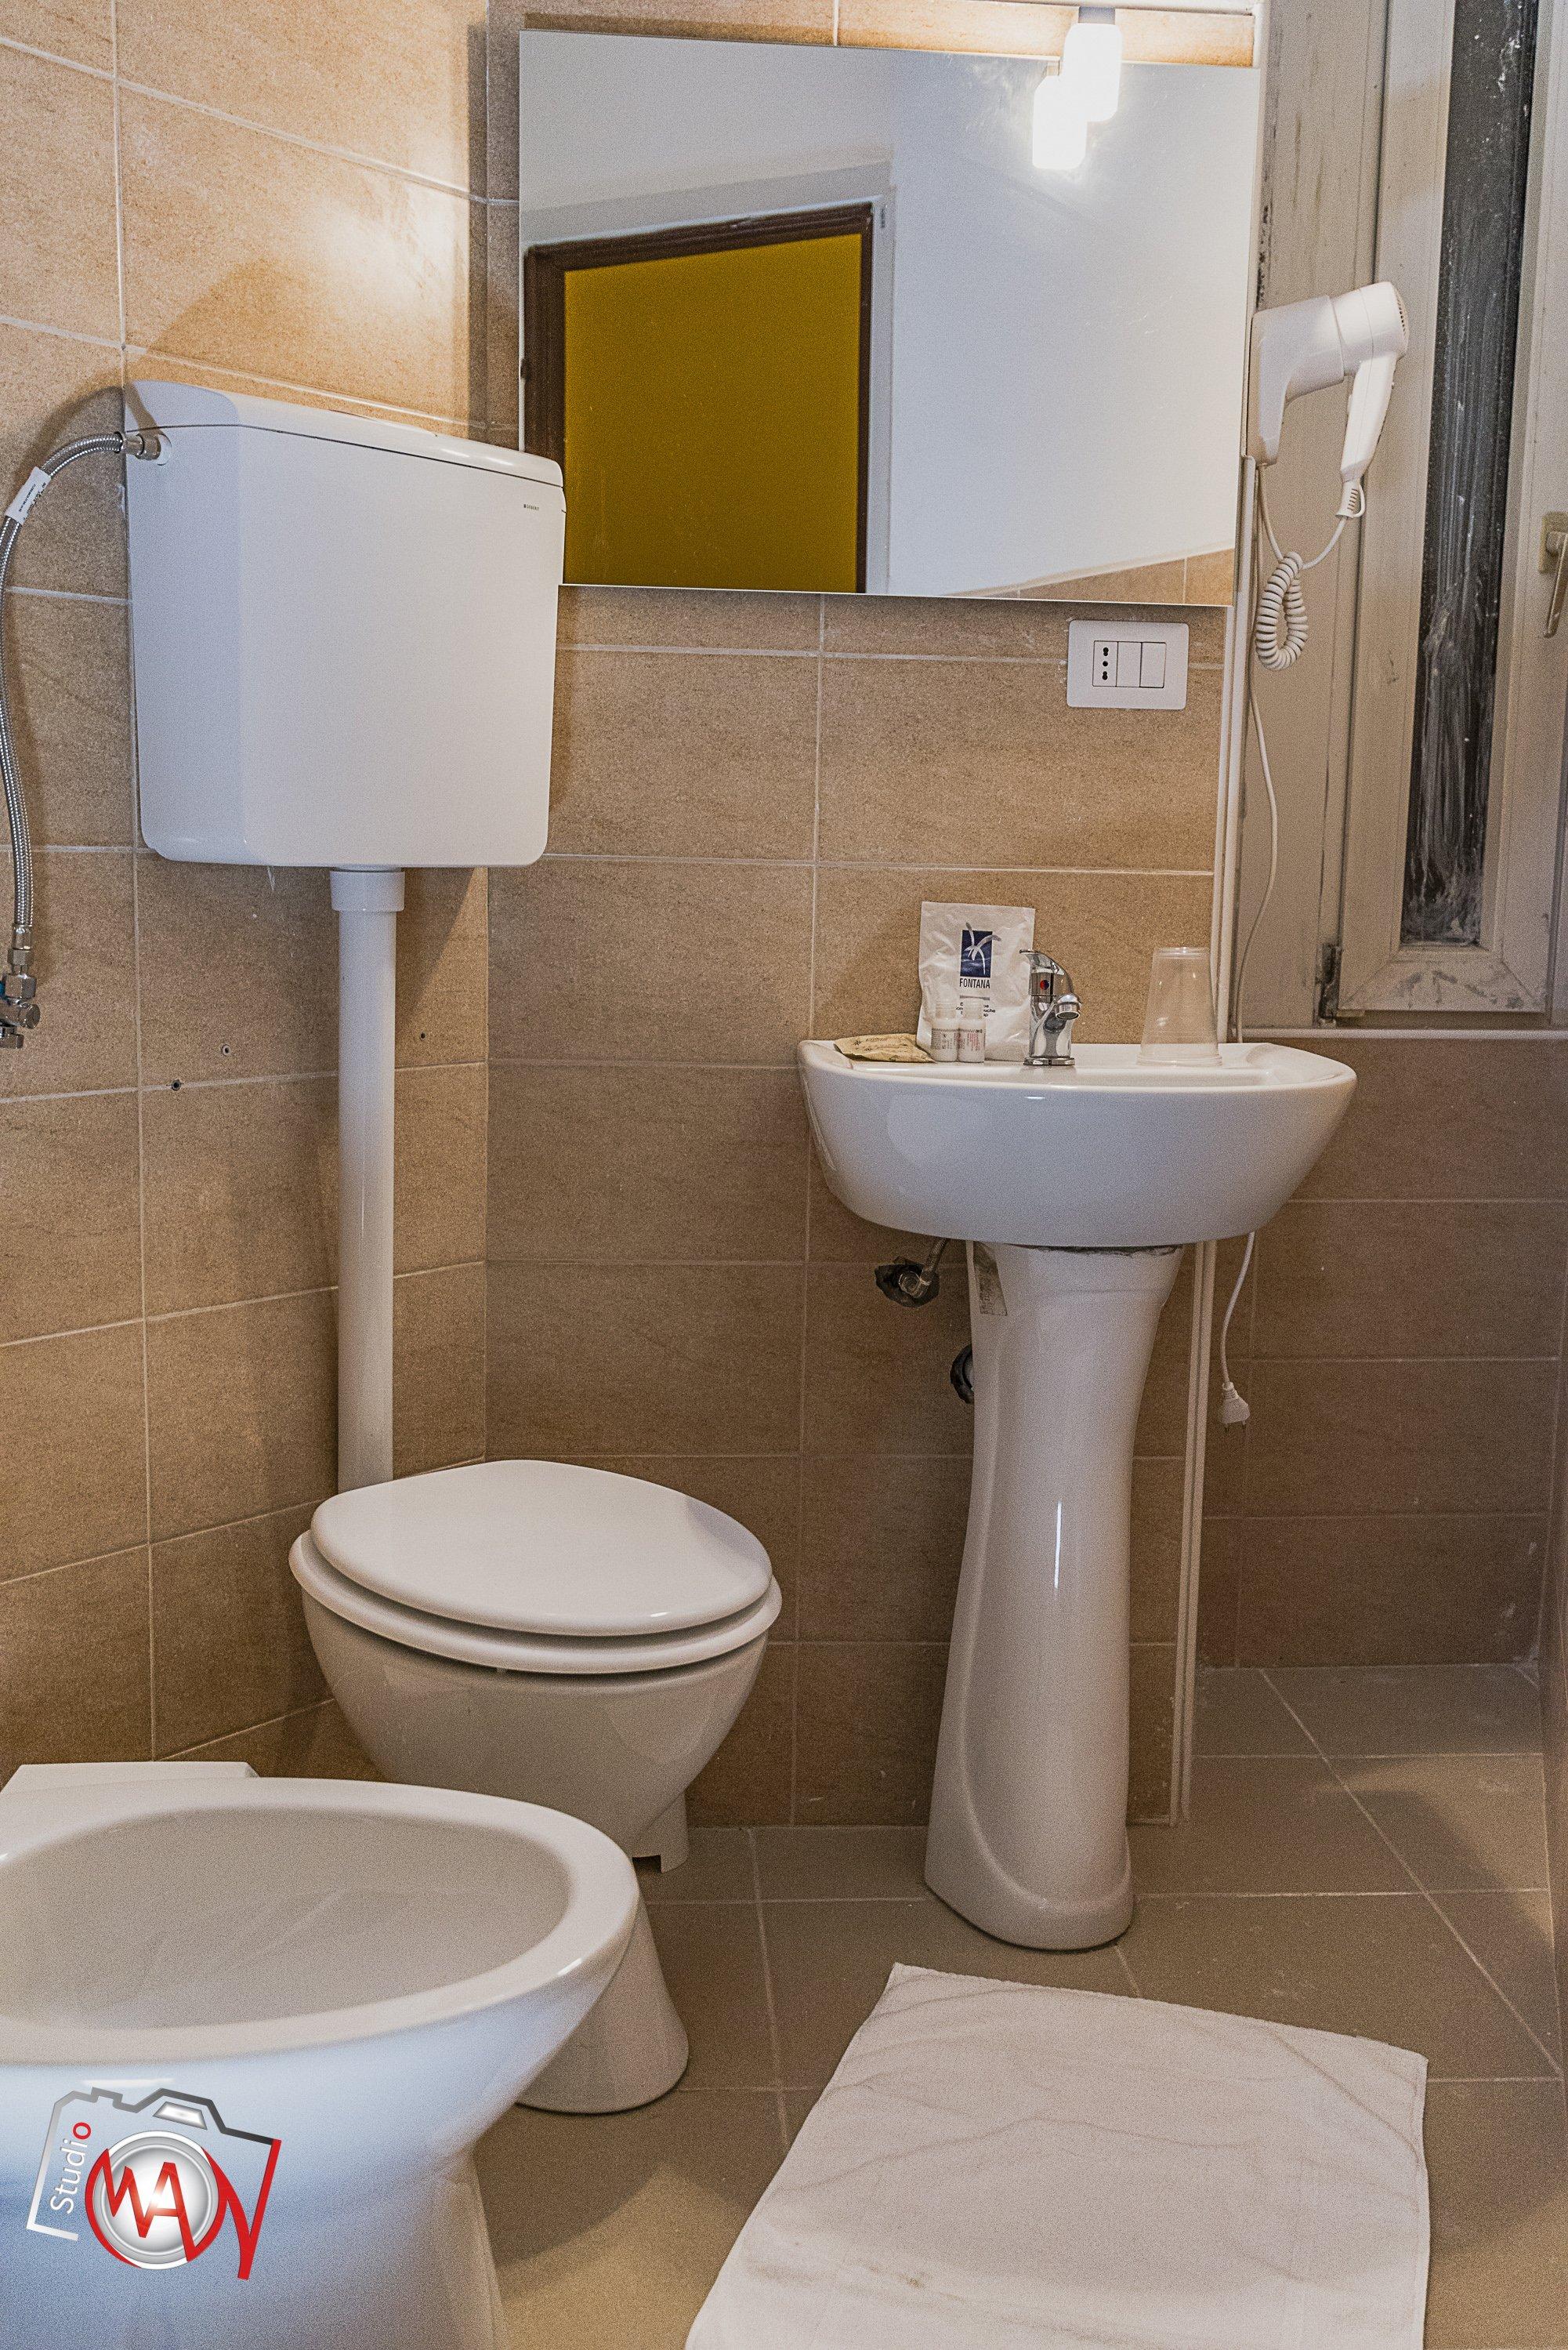 servizi igienici in albergo